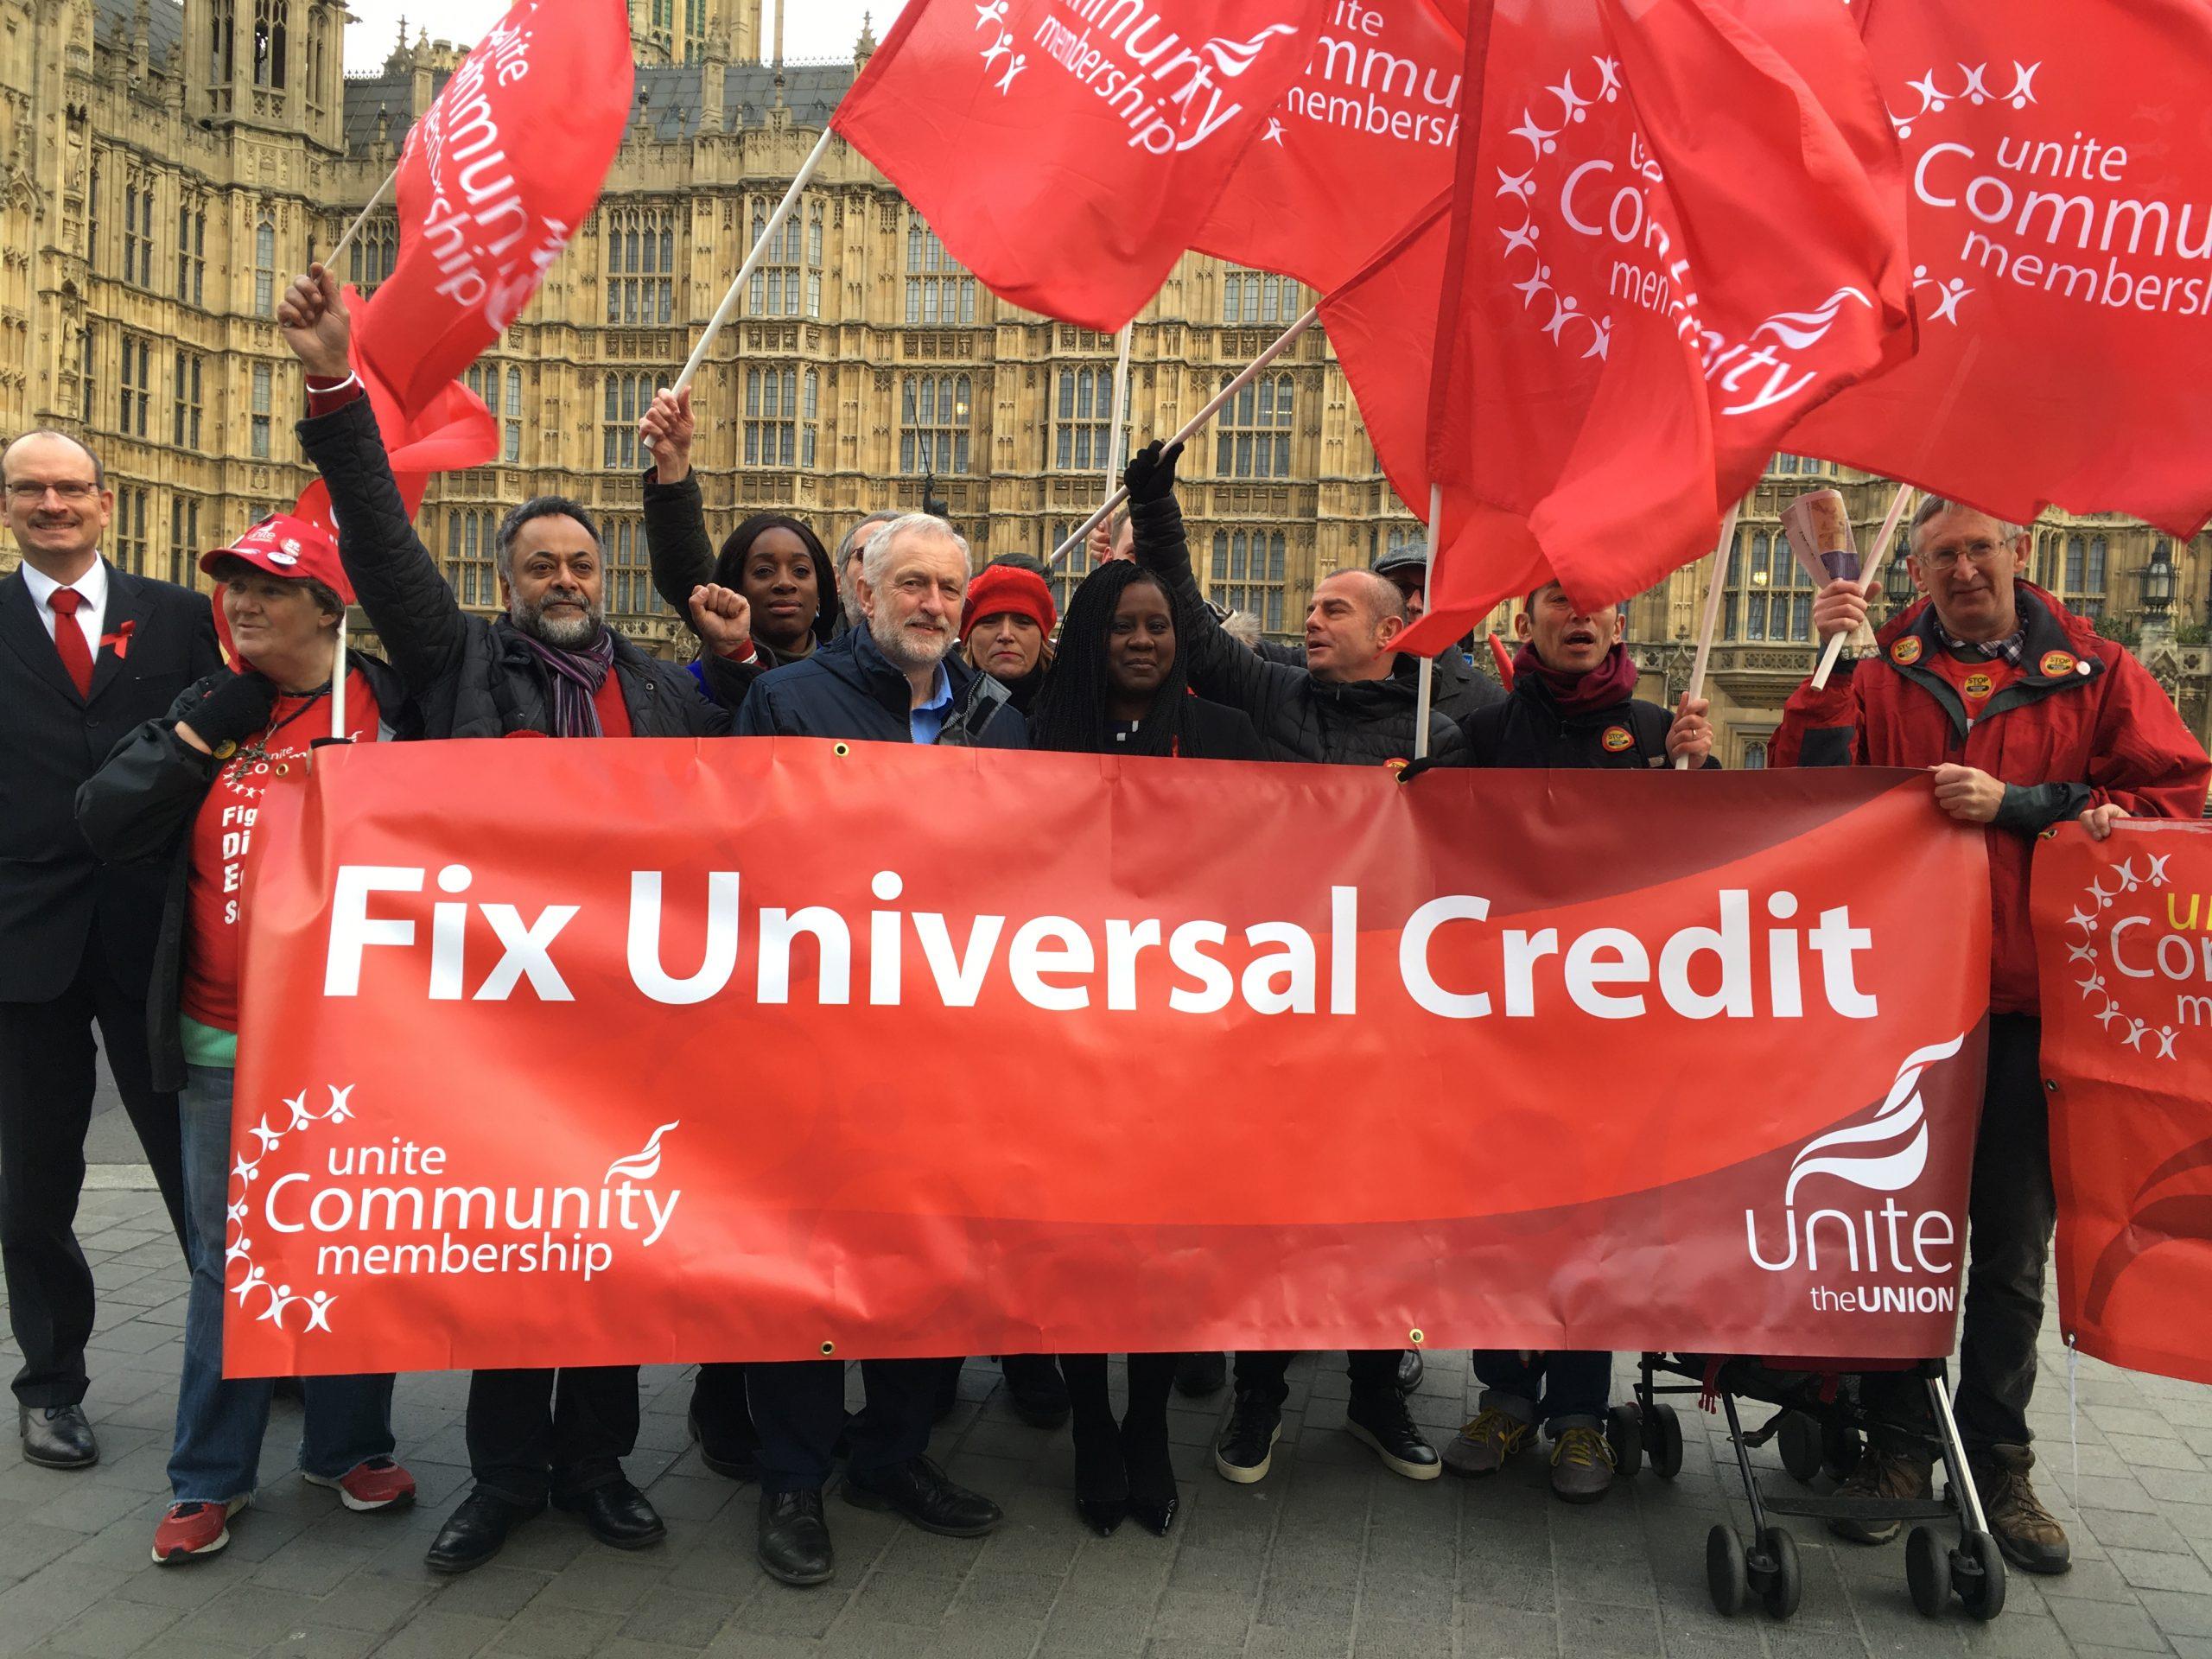 Jeremy Corbyn MP with Unite Community